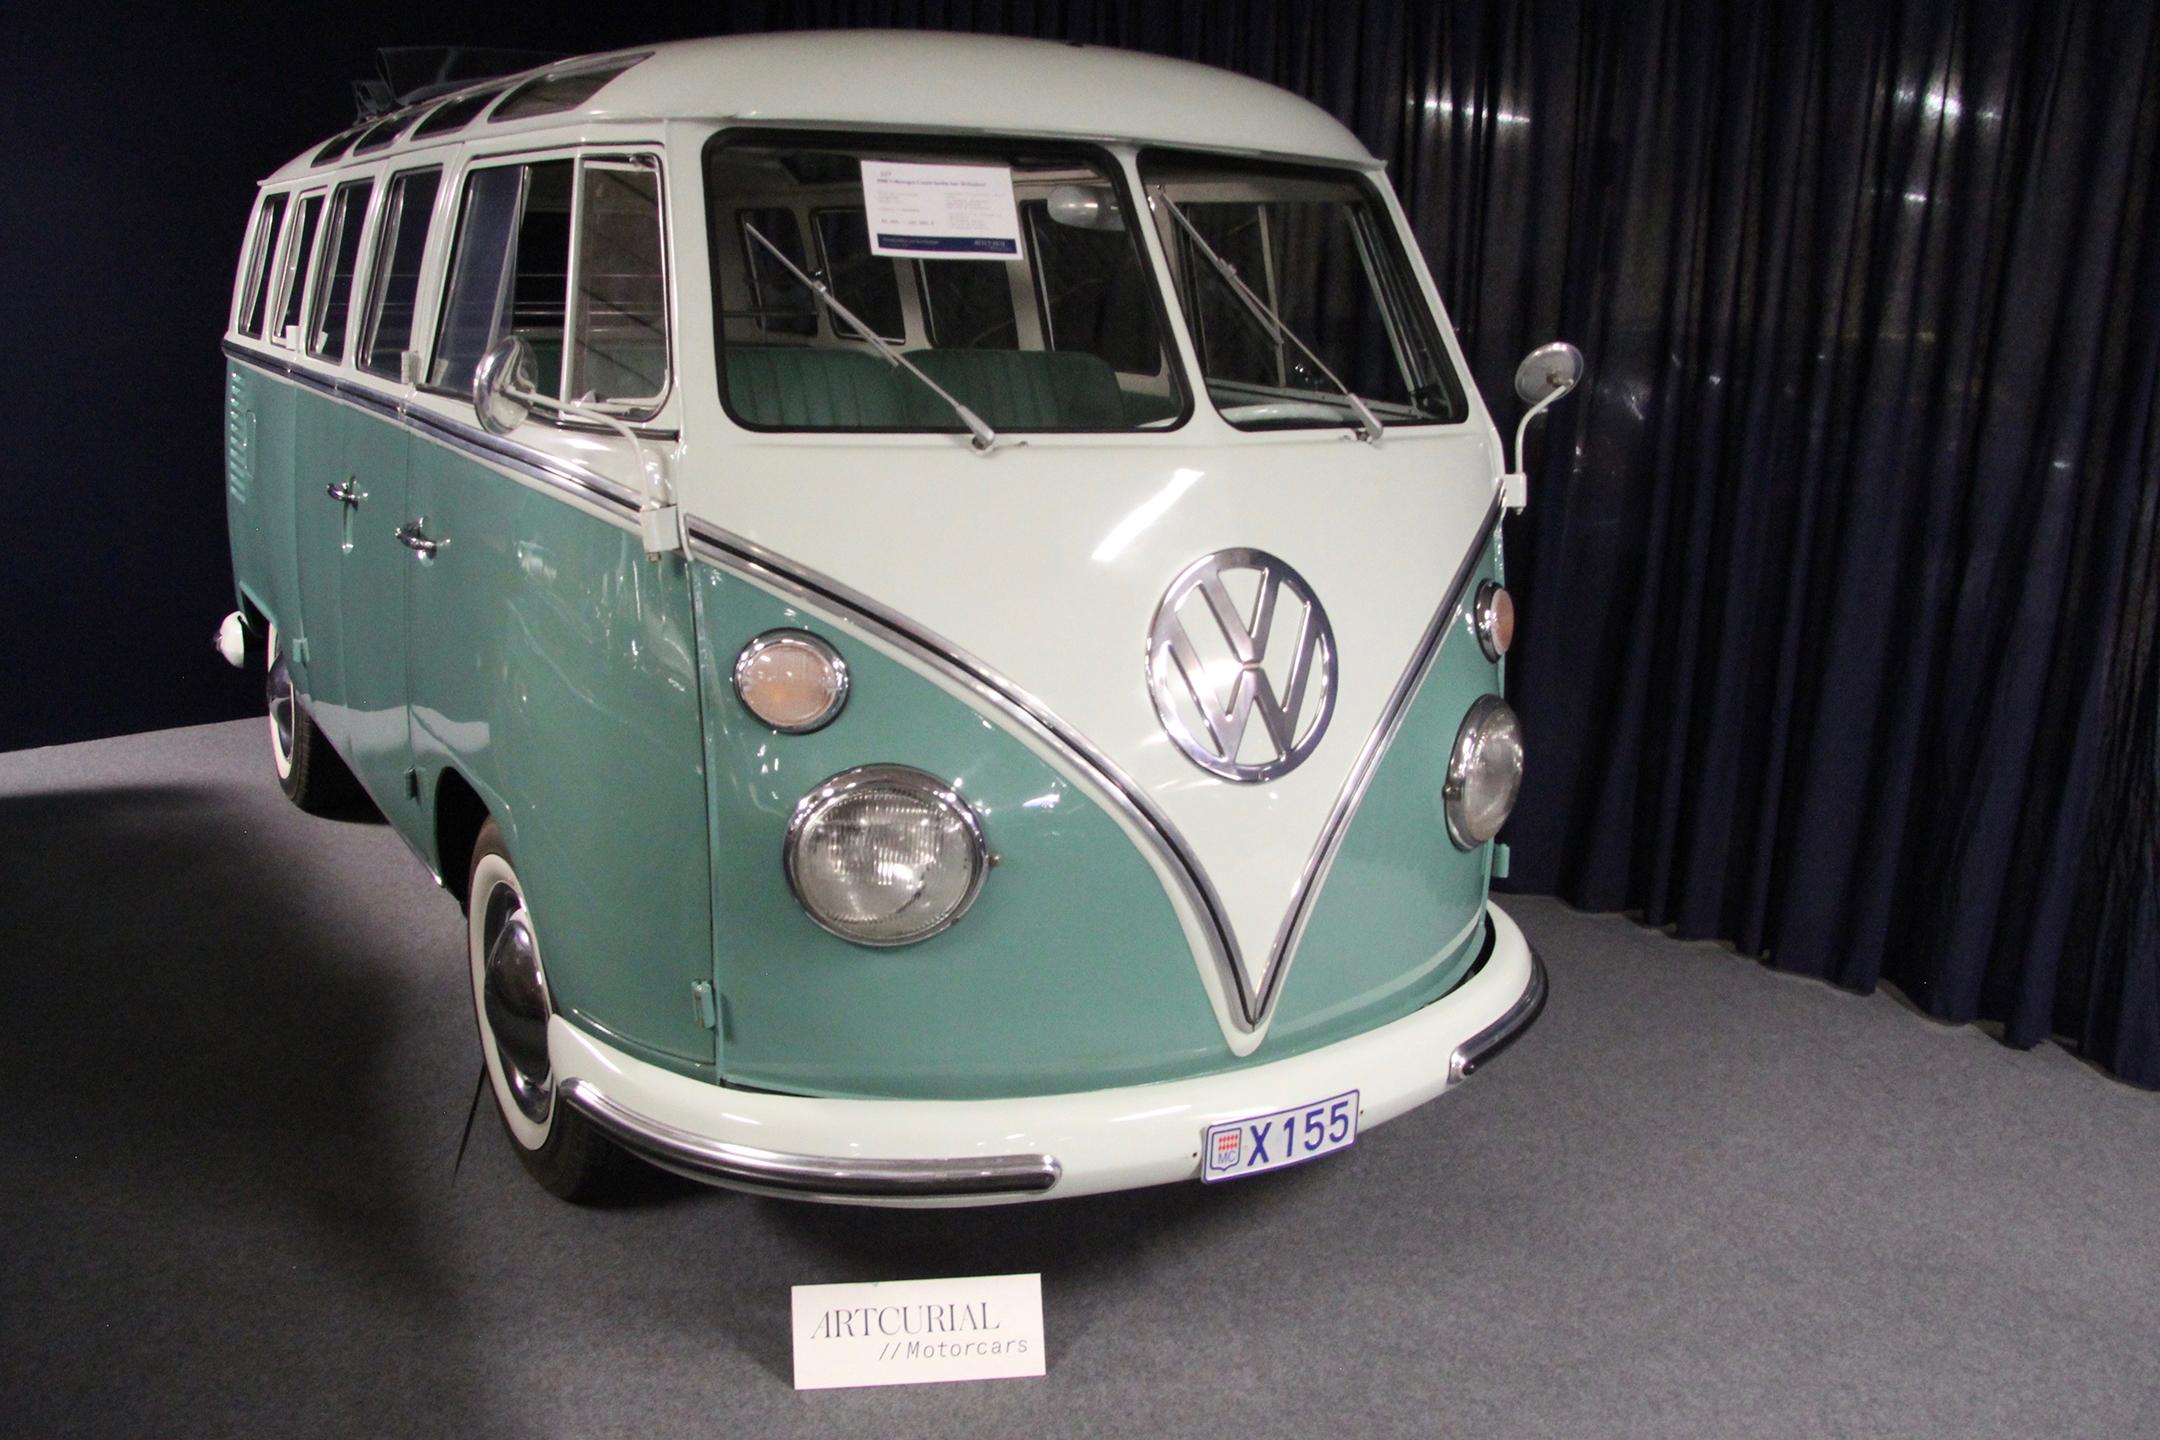 Volkswagen Combi Samba-bus 21 fenêtres - 1966 - Artcurial Motorcars - Automobiles sur les Champs - 2019 - photo Ludo Ferrari